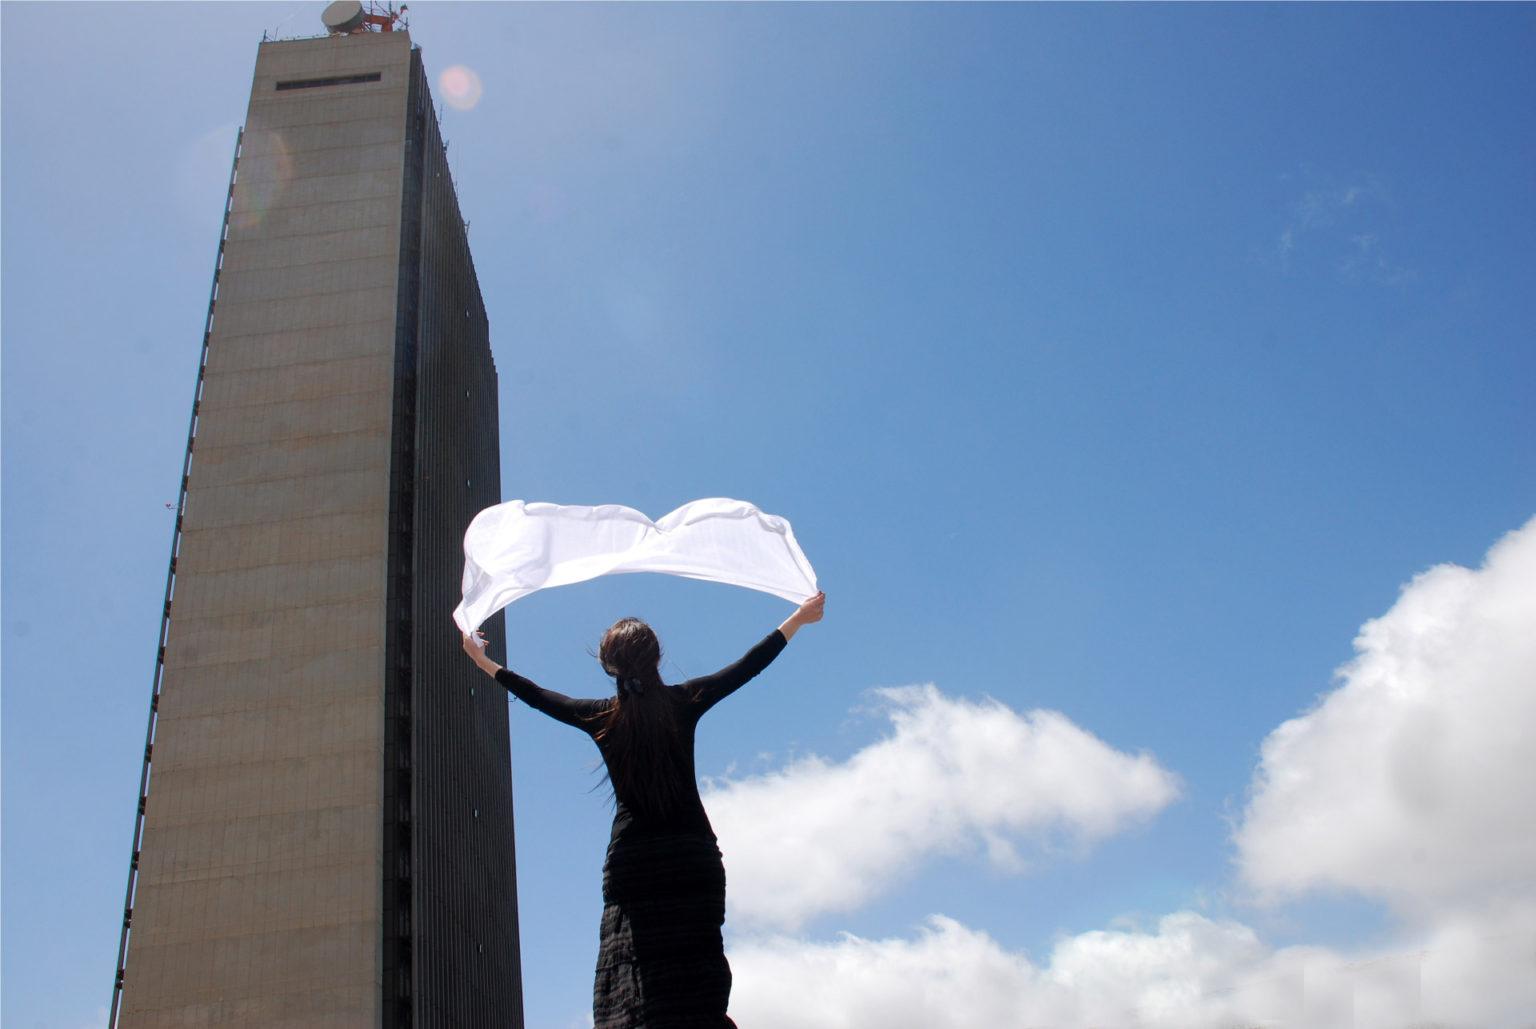 """אמירה זיאן, לגעת בעננים, 2012. תצלום מודבק על דיבונד, 105×70 ס""""מ. אוסף האמנית"""